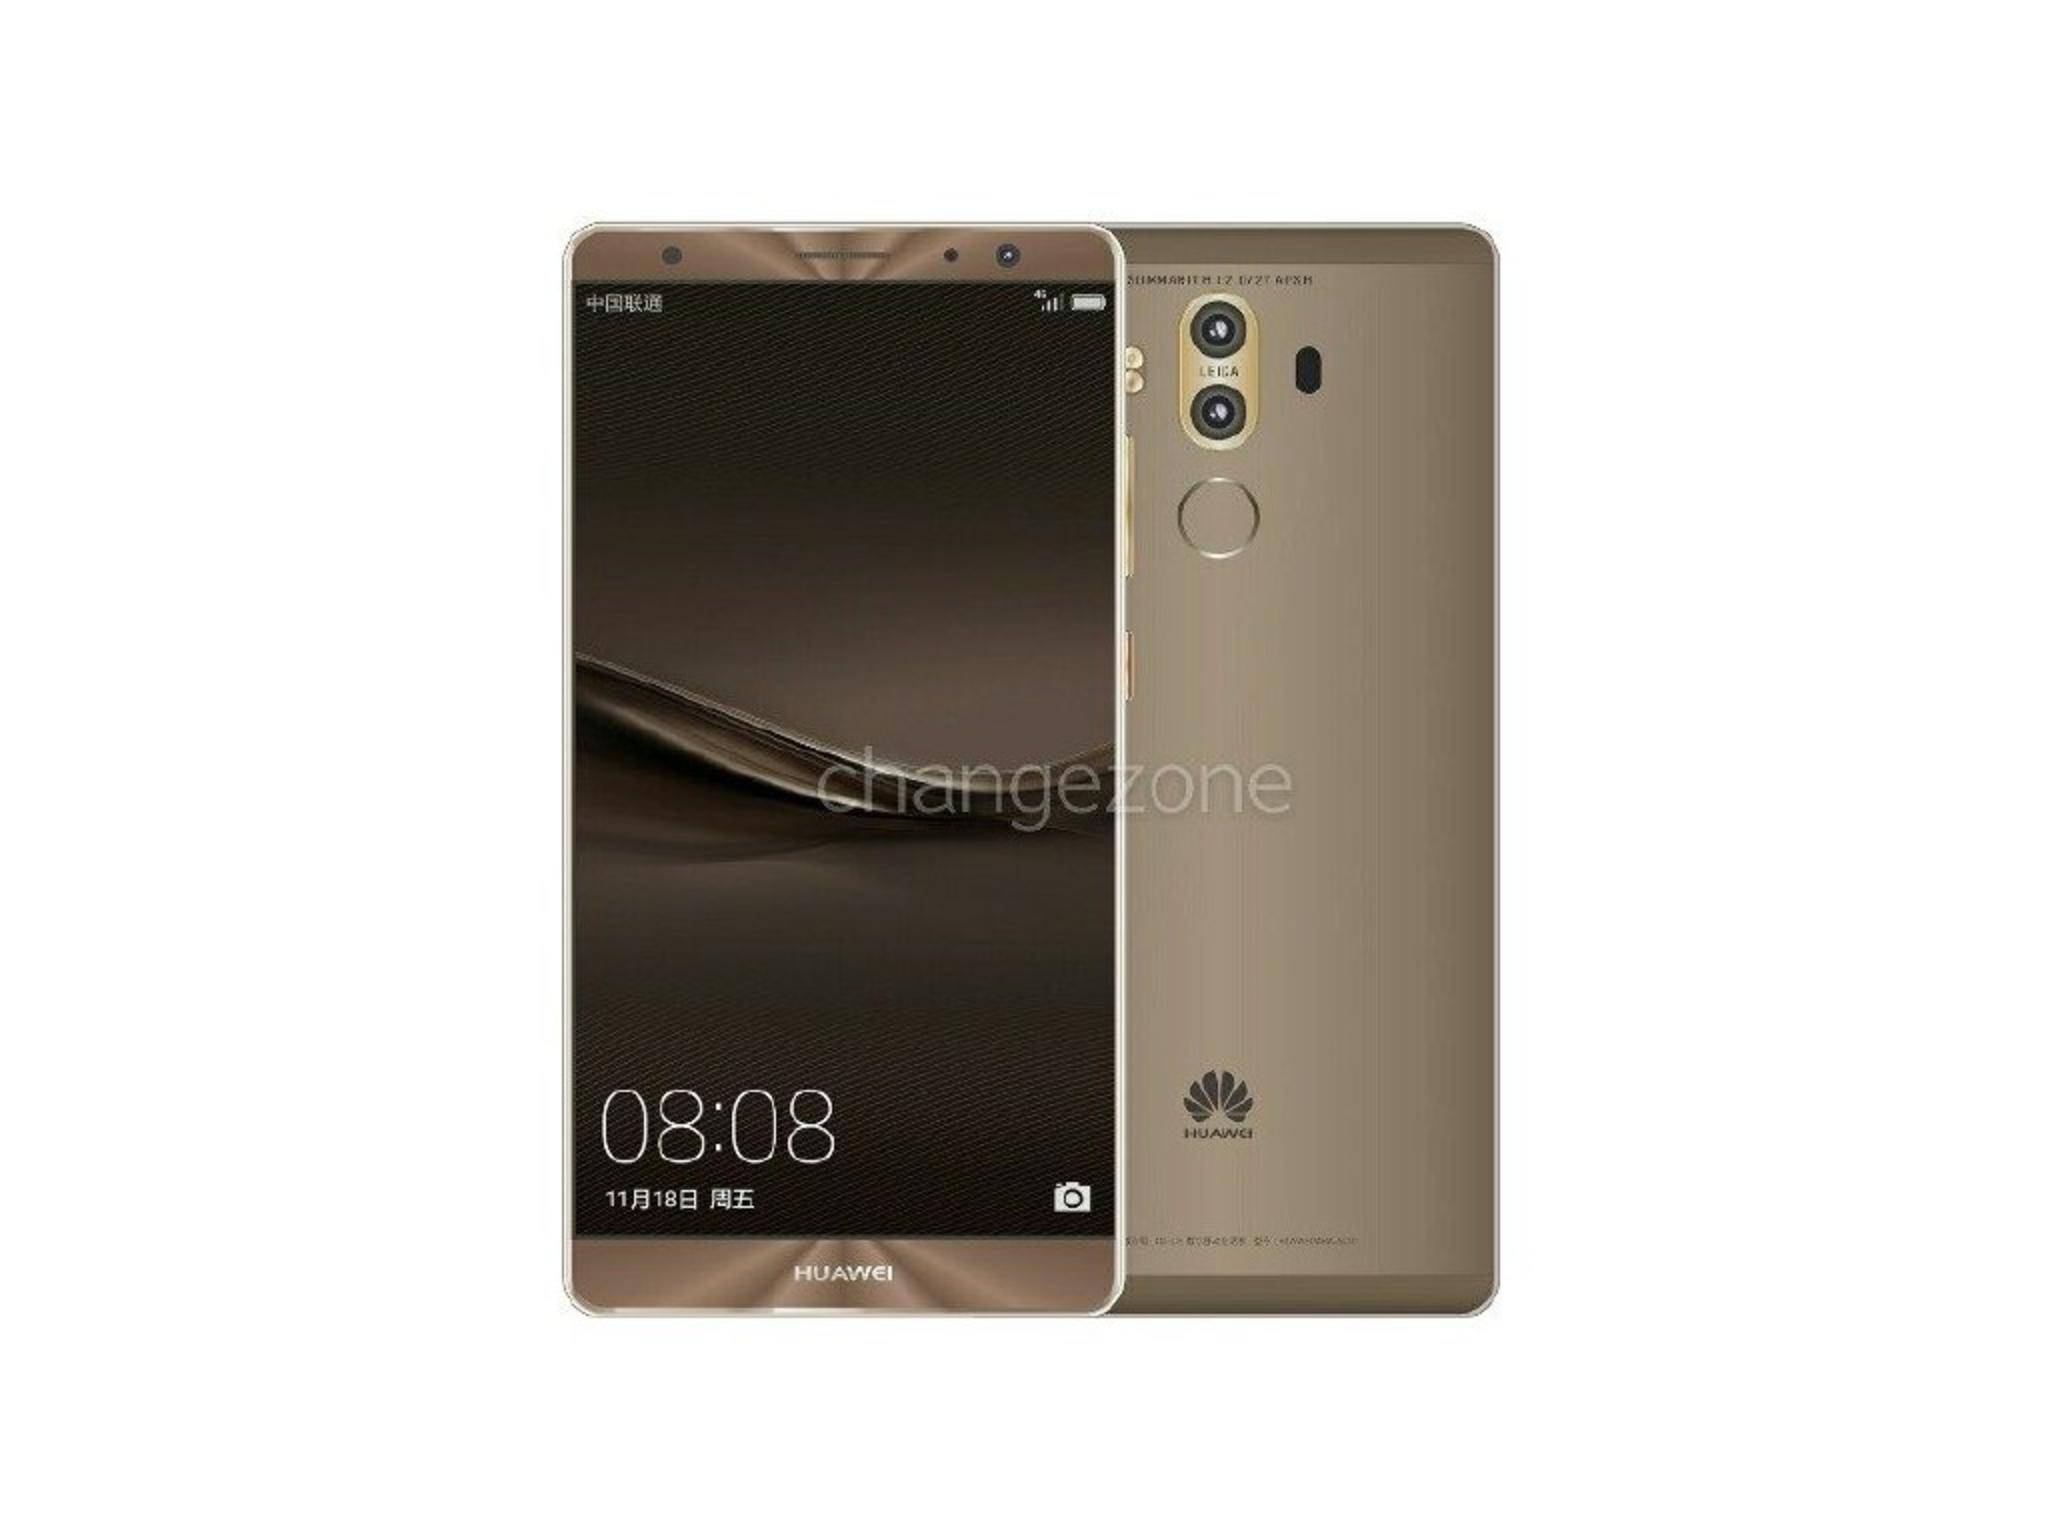 Das Huawei Mate 9 soll einen superschnellen Prozessor bekommen.